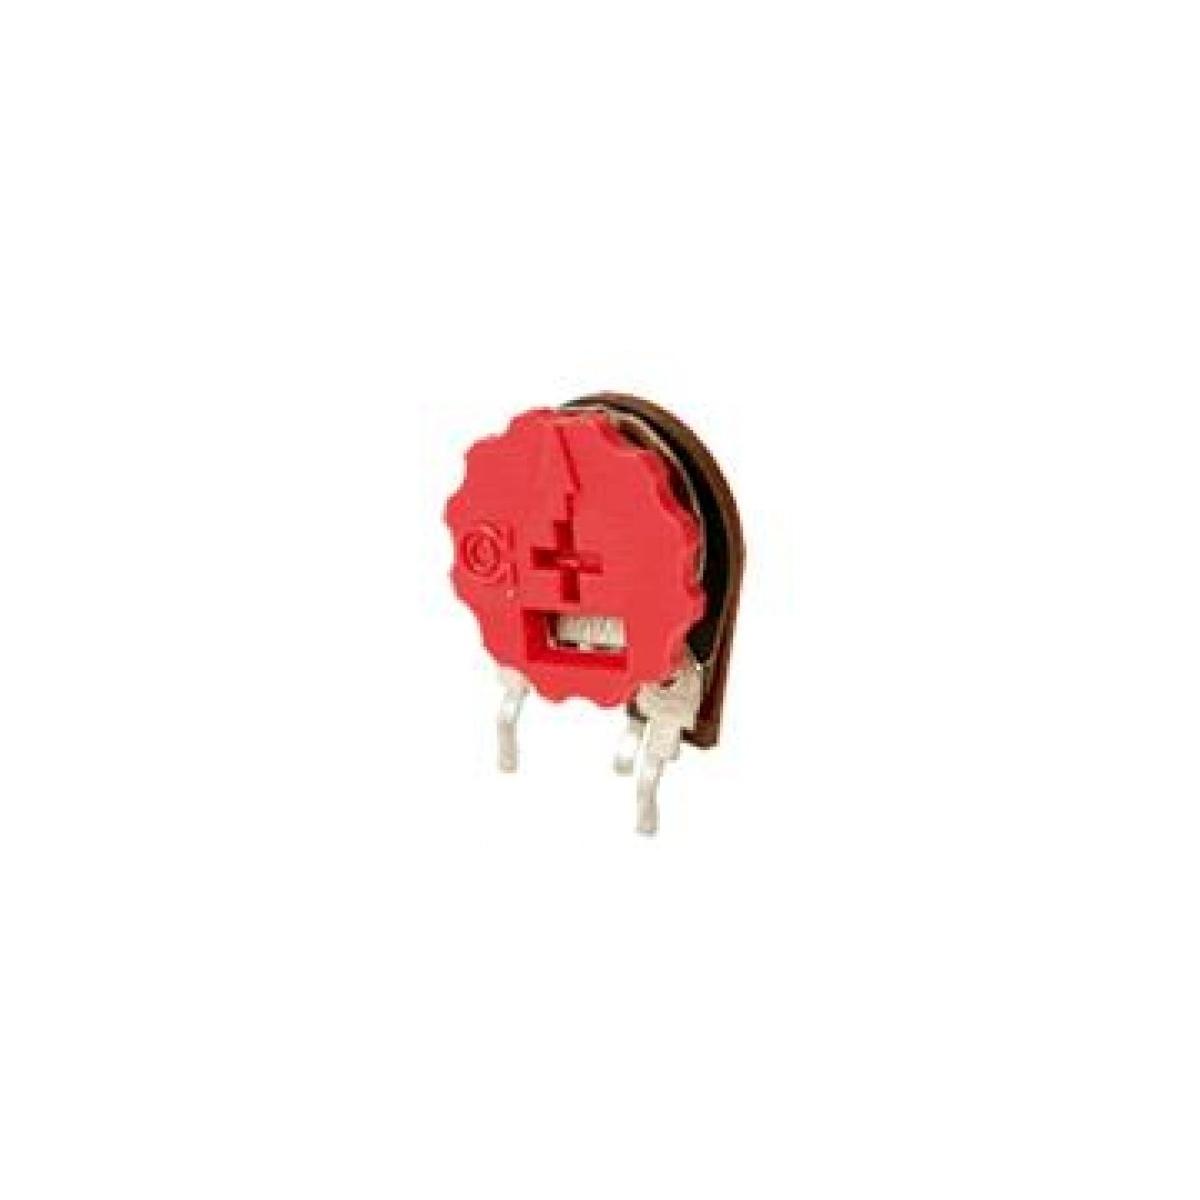 TRIMPOT VERTICAL 14MM COM BOTAO VM-     330 R